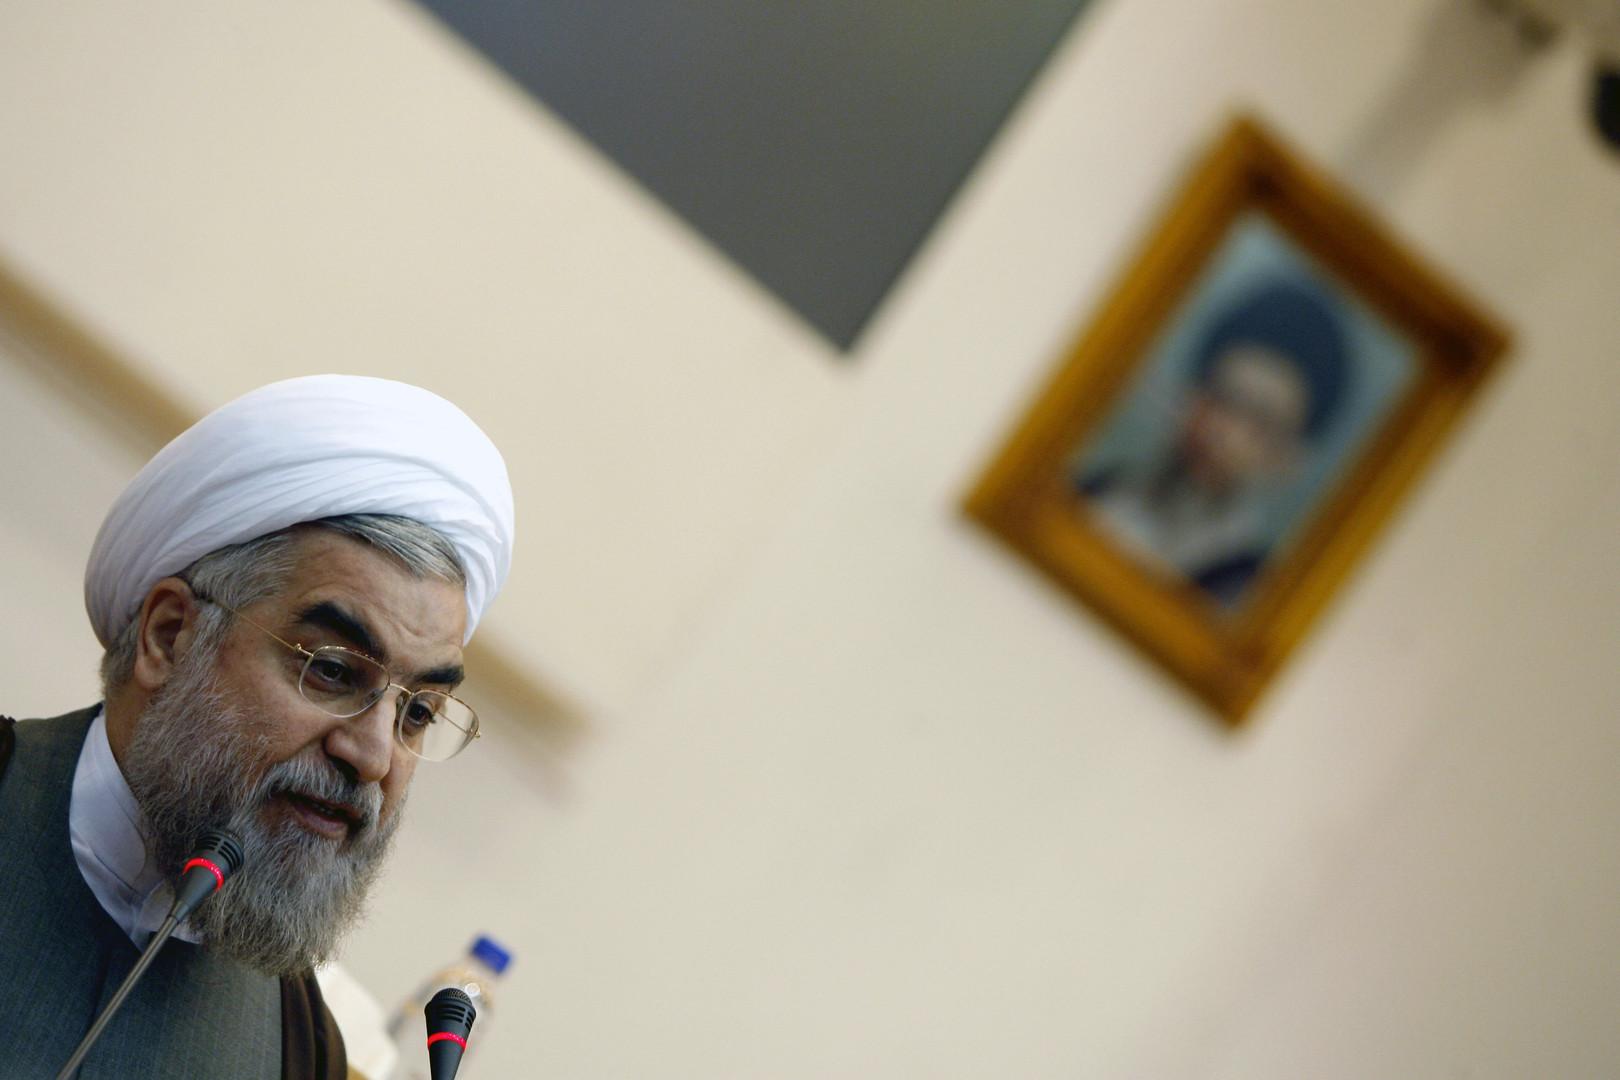 روحاني لأمير قطر: سنرد بقوة على أي خطوة غير مسؤولة من الأعداء وسنجعلهم يندمون